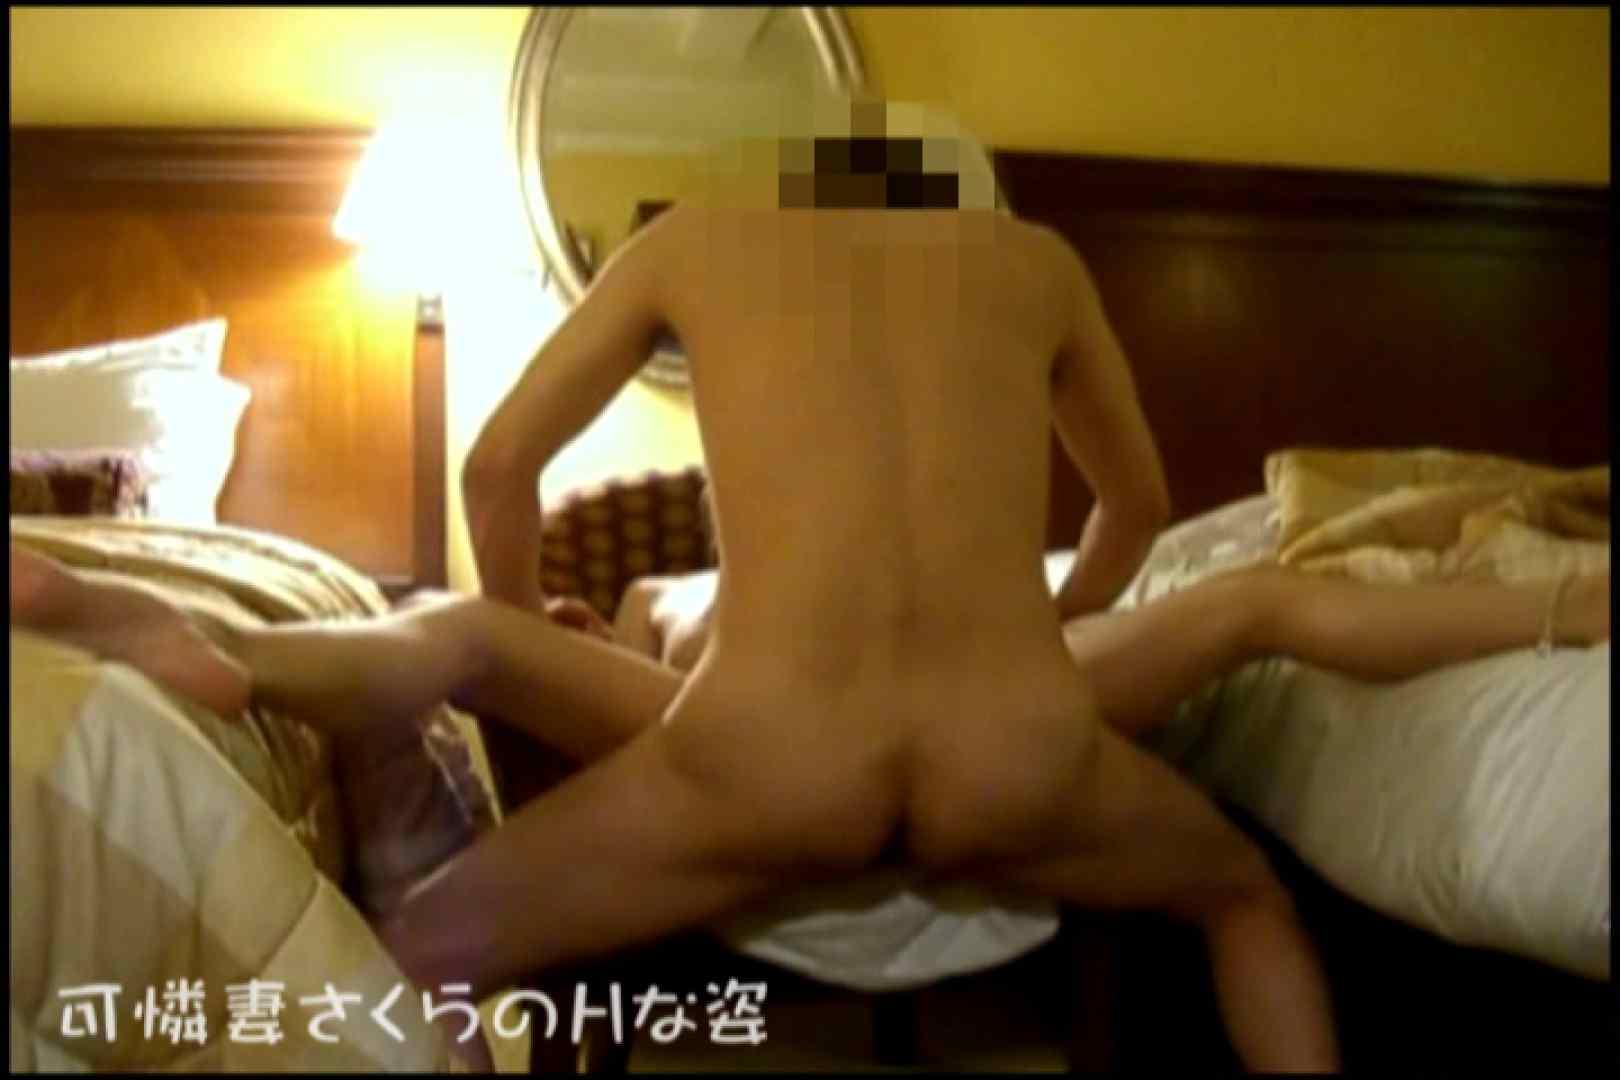 可憐妻さくらのHな姿vol.7 セックス ワレメ動画紹介 76pic 38